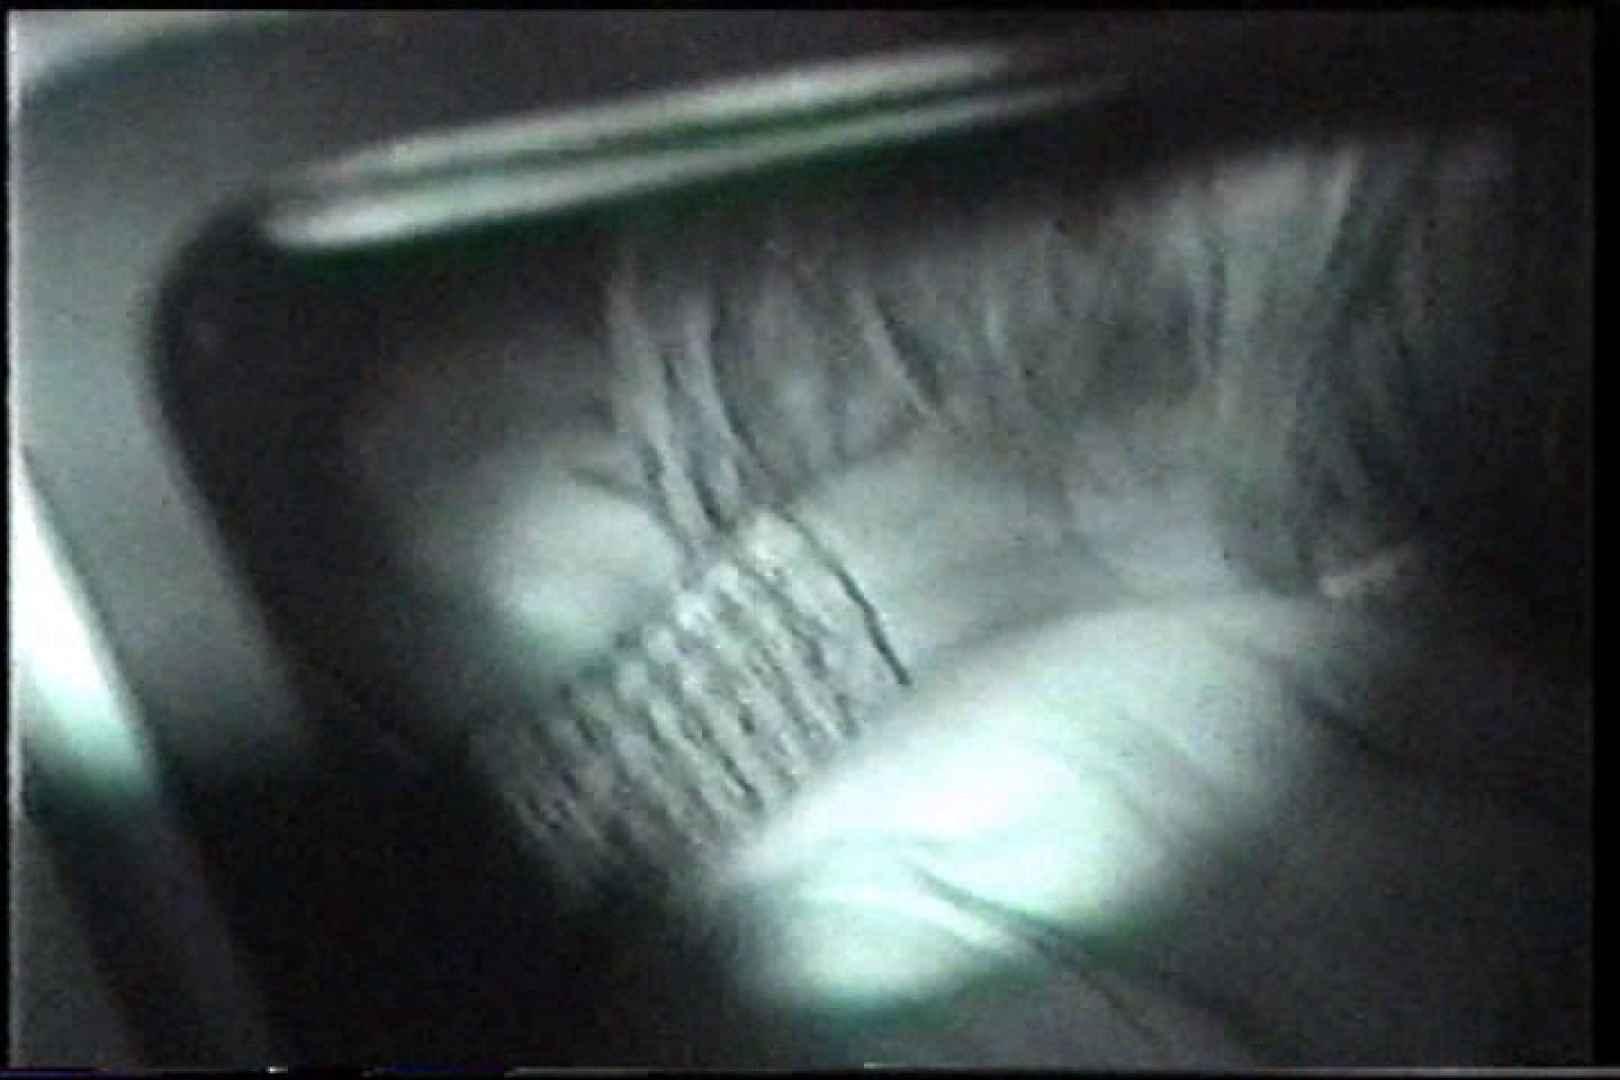 充血監督の深夜の運動会Vol.214 後編. レズ特集 ヌード画像 88pic 23